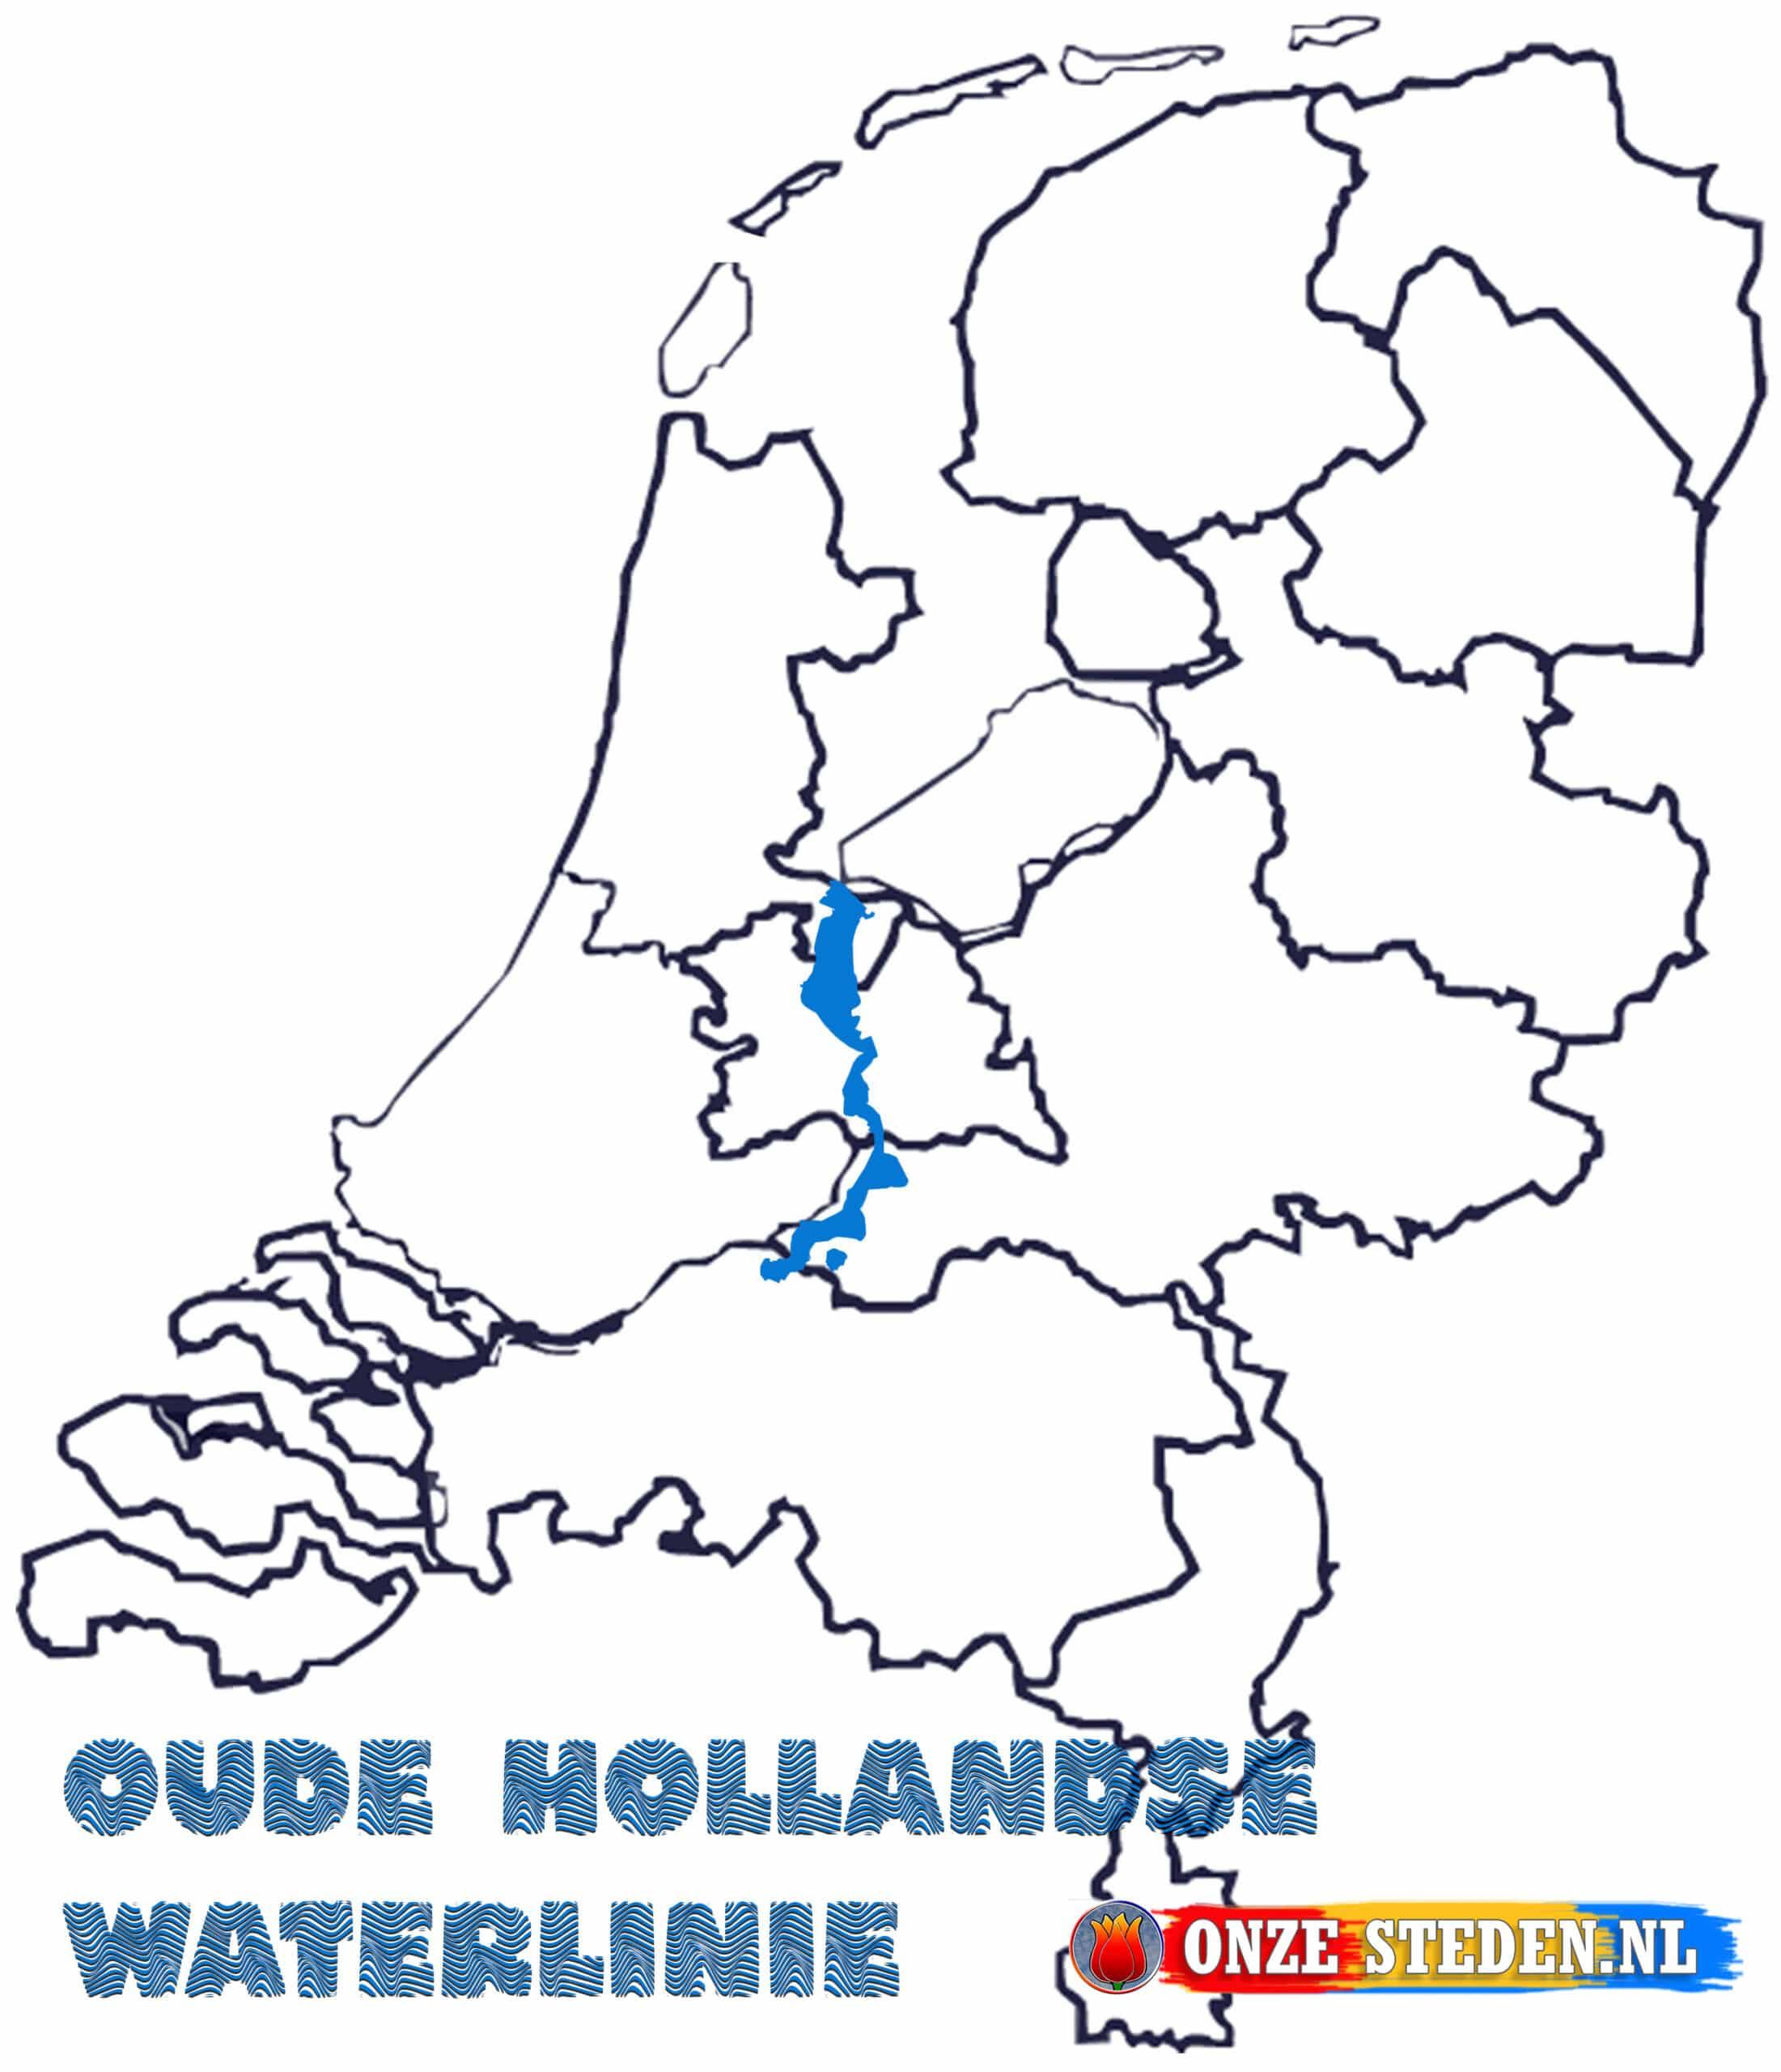 Oude Hollandse Waterlinie op de kaart